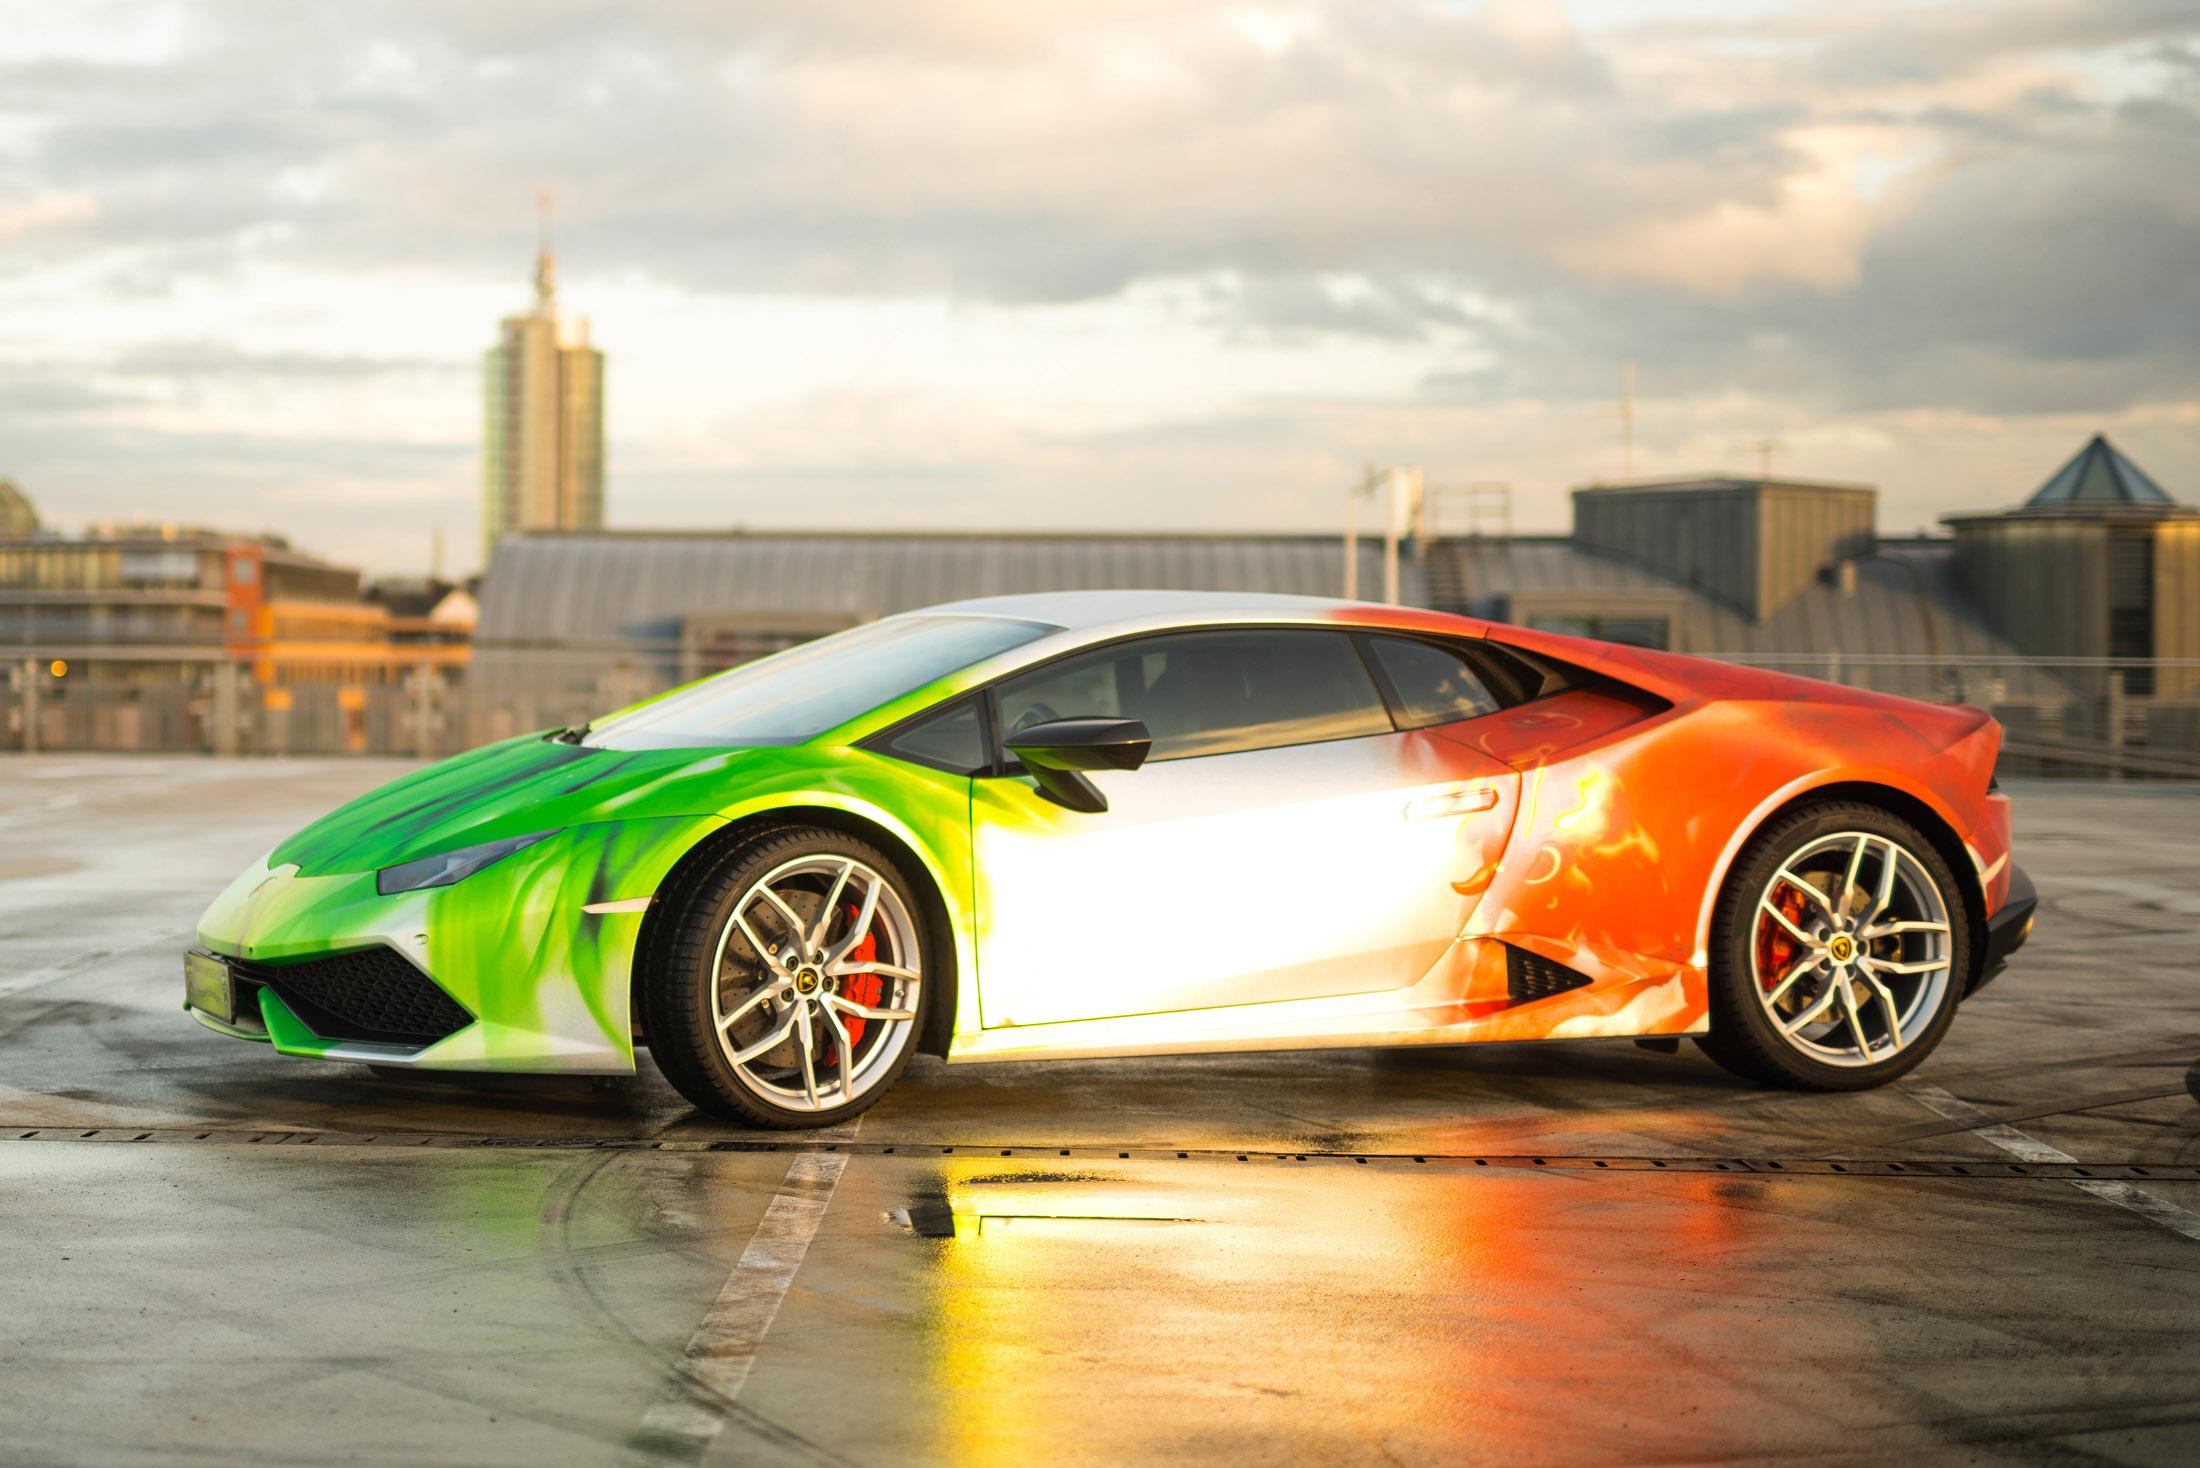 Lamborghini Bull Wrapped In Tricolor Flames Chrom Design